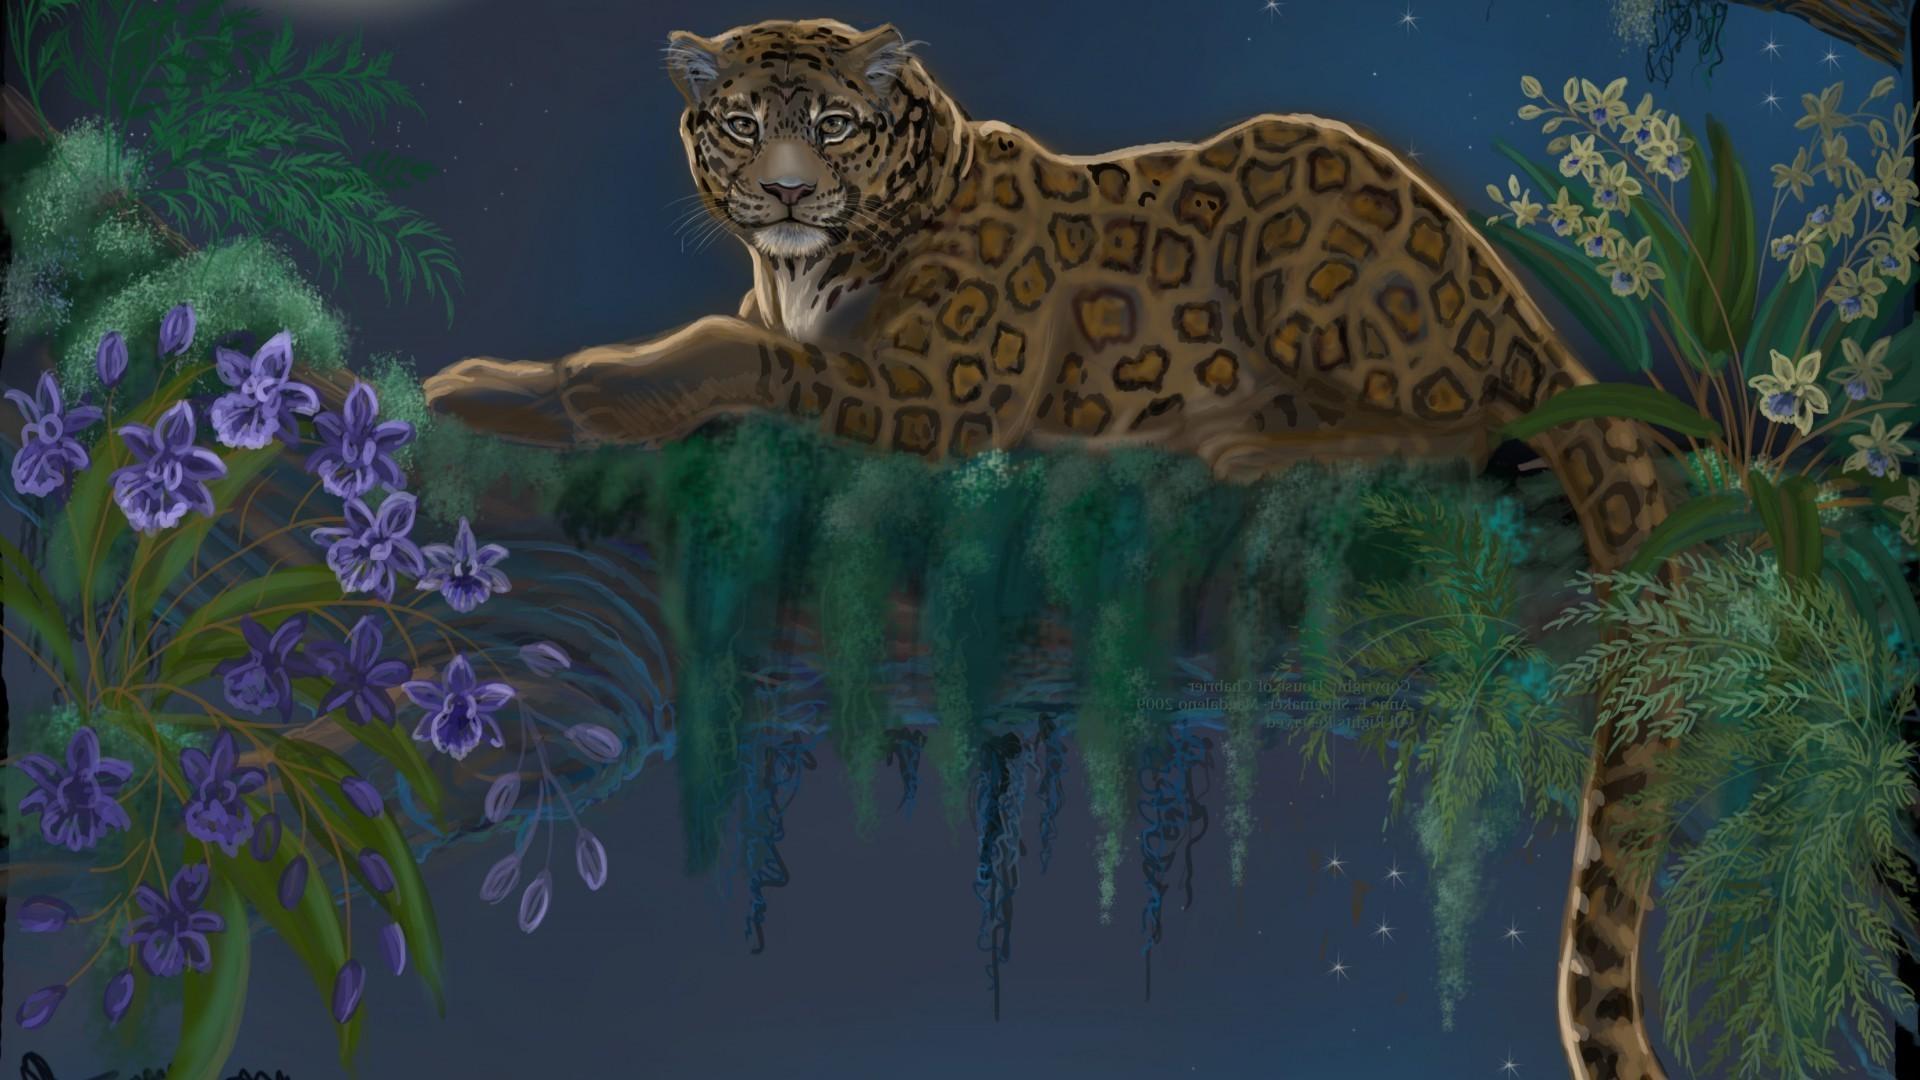 Очень красивые картинки с животными ночью, картинки